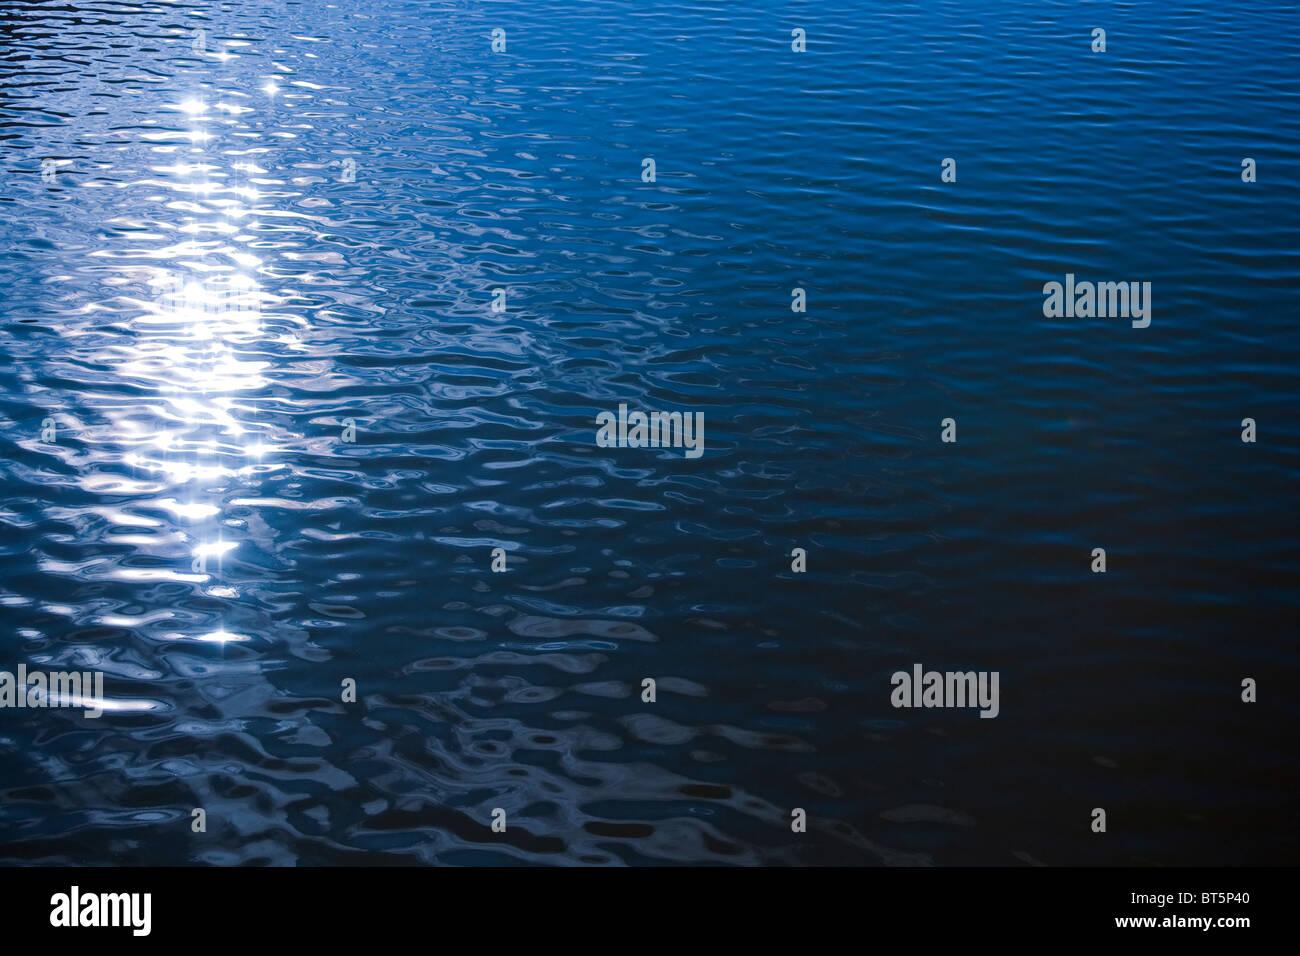 Sonnenlicht Reflexion in gekräuselte Wasserfläche. natürliches Bild Stockbild